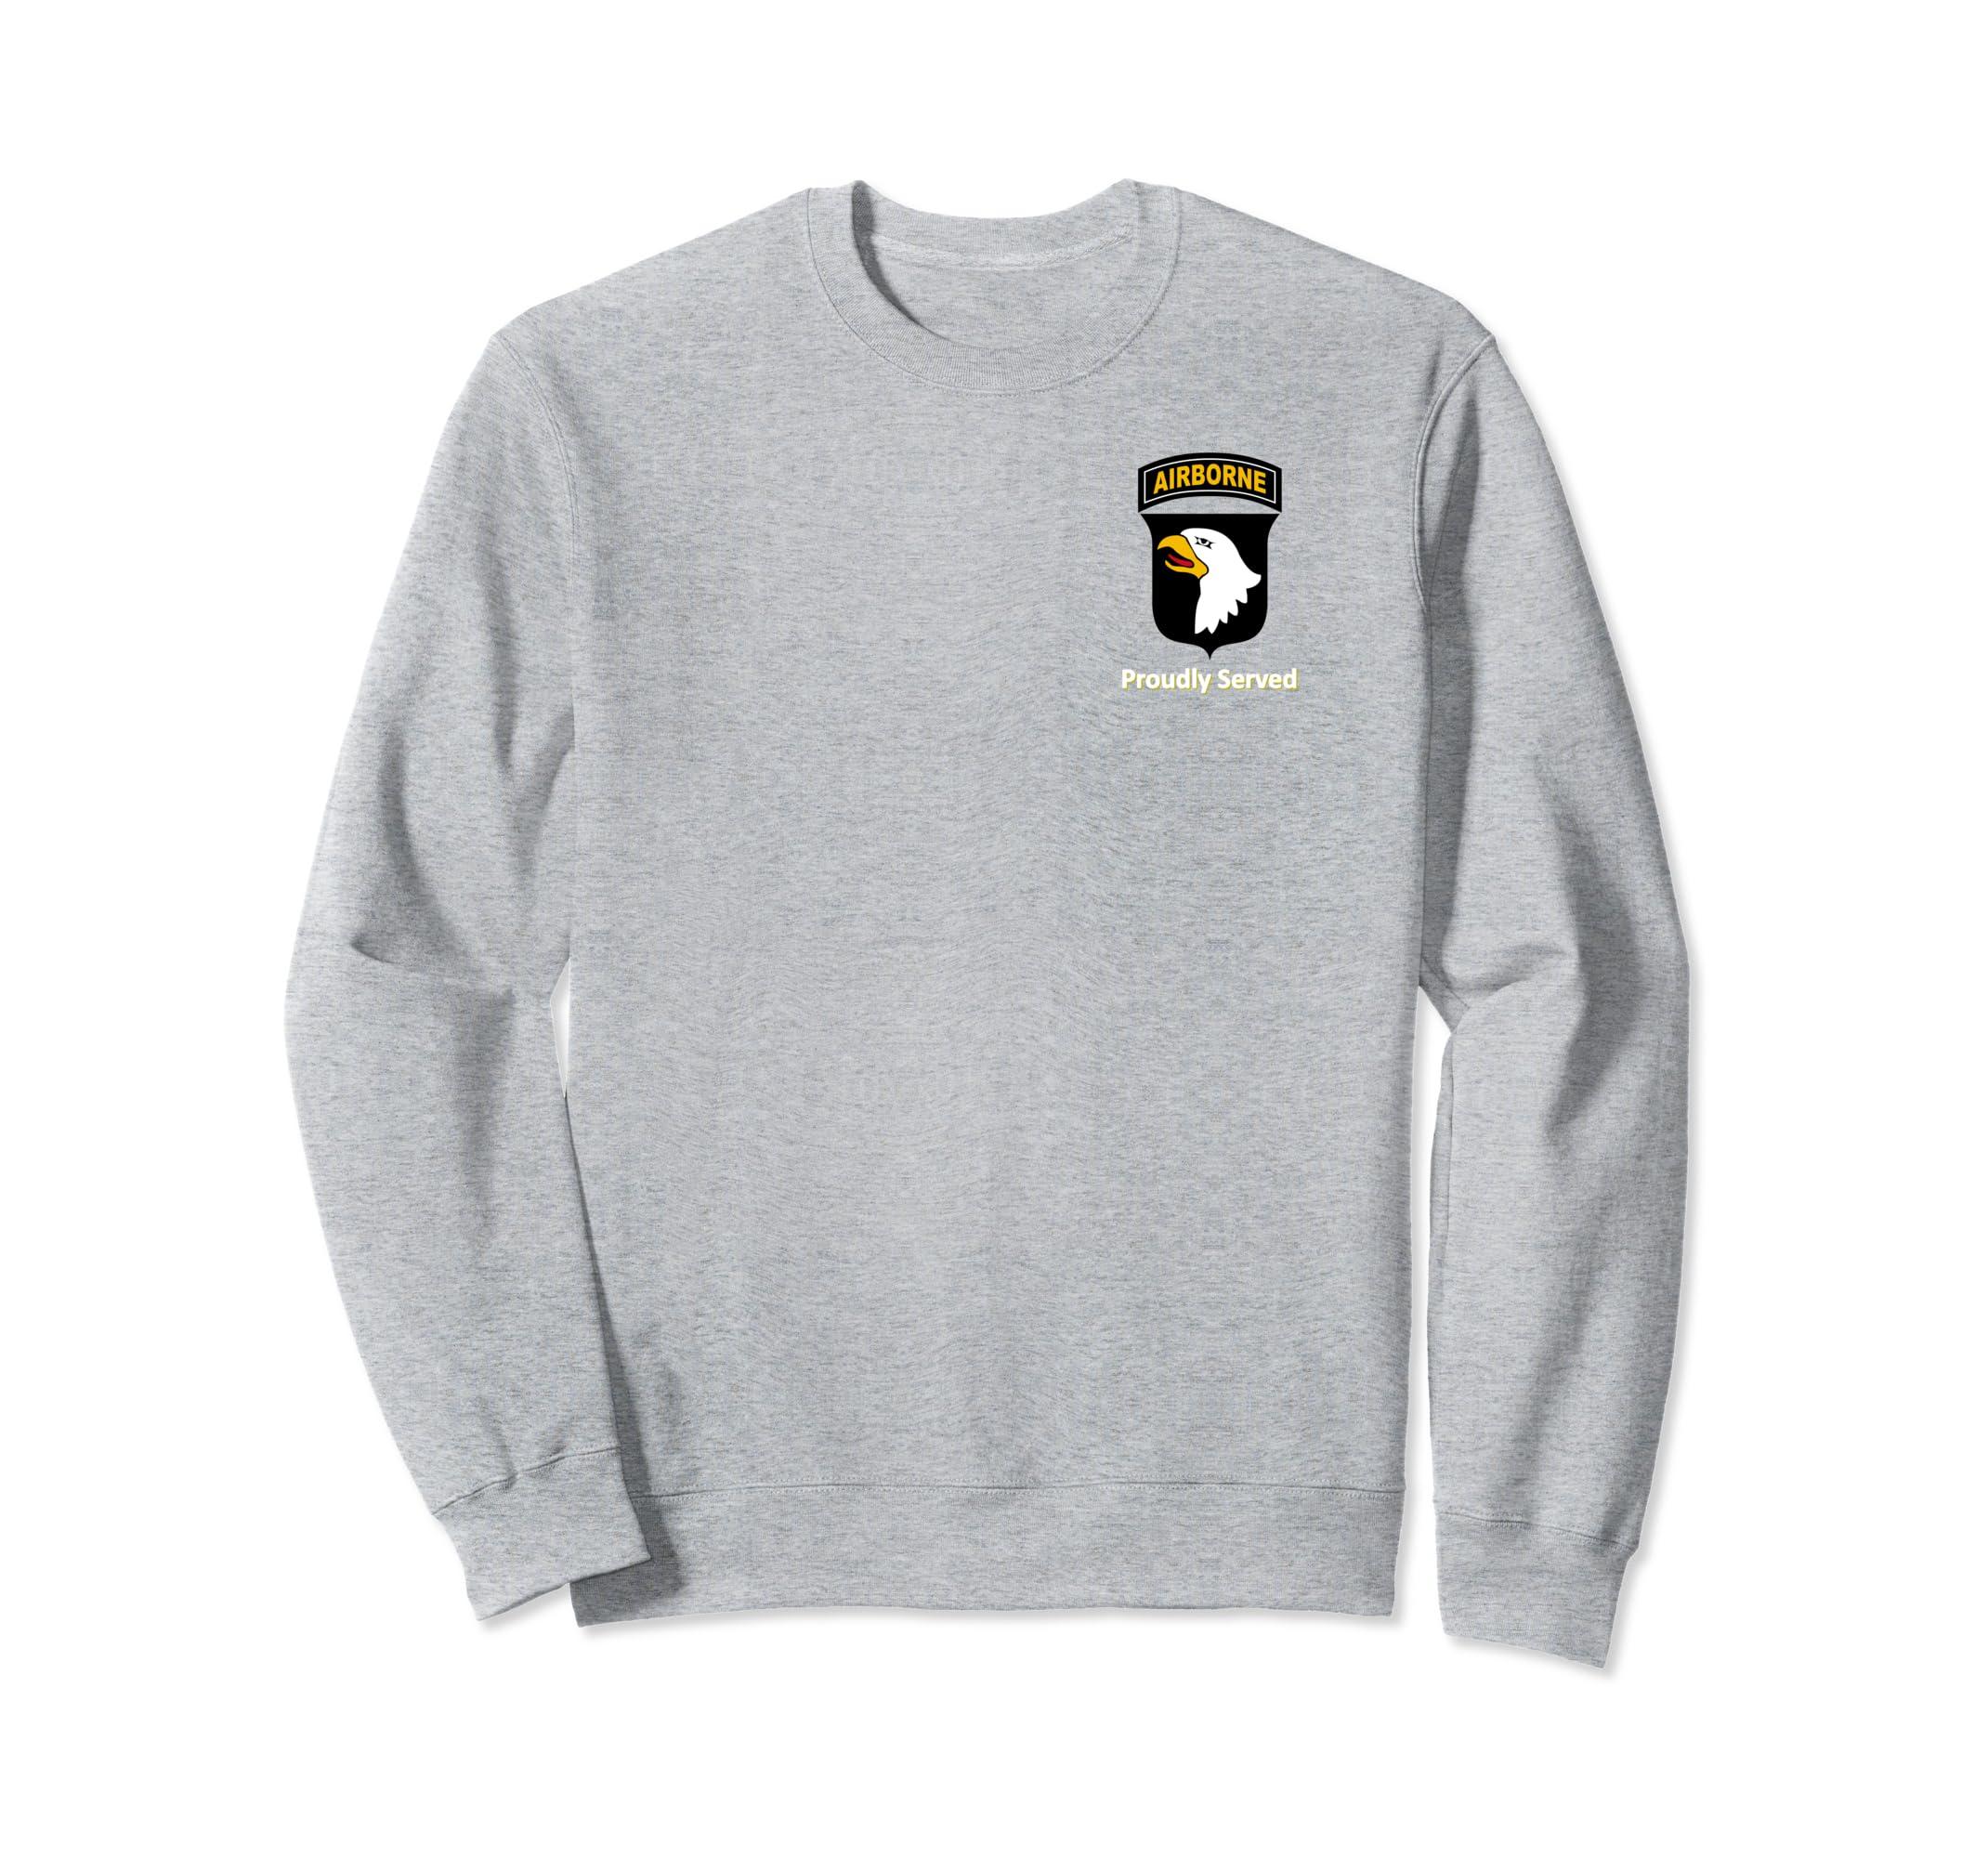 101st Airborne Division Sweatshirt-ANZ